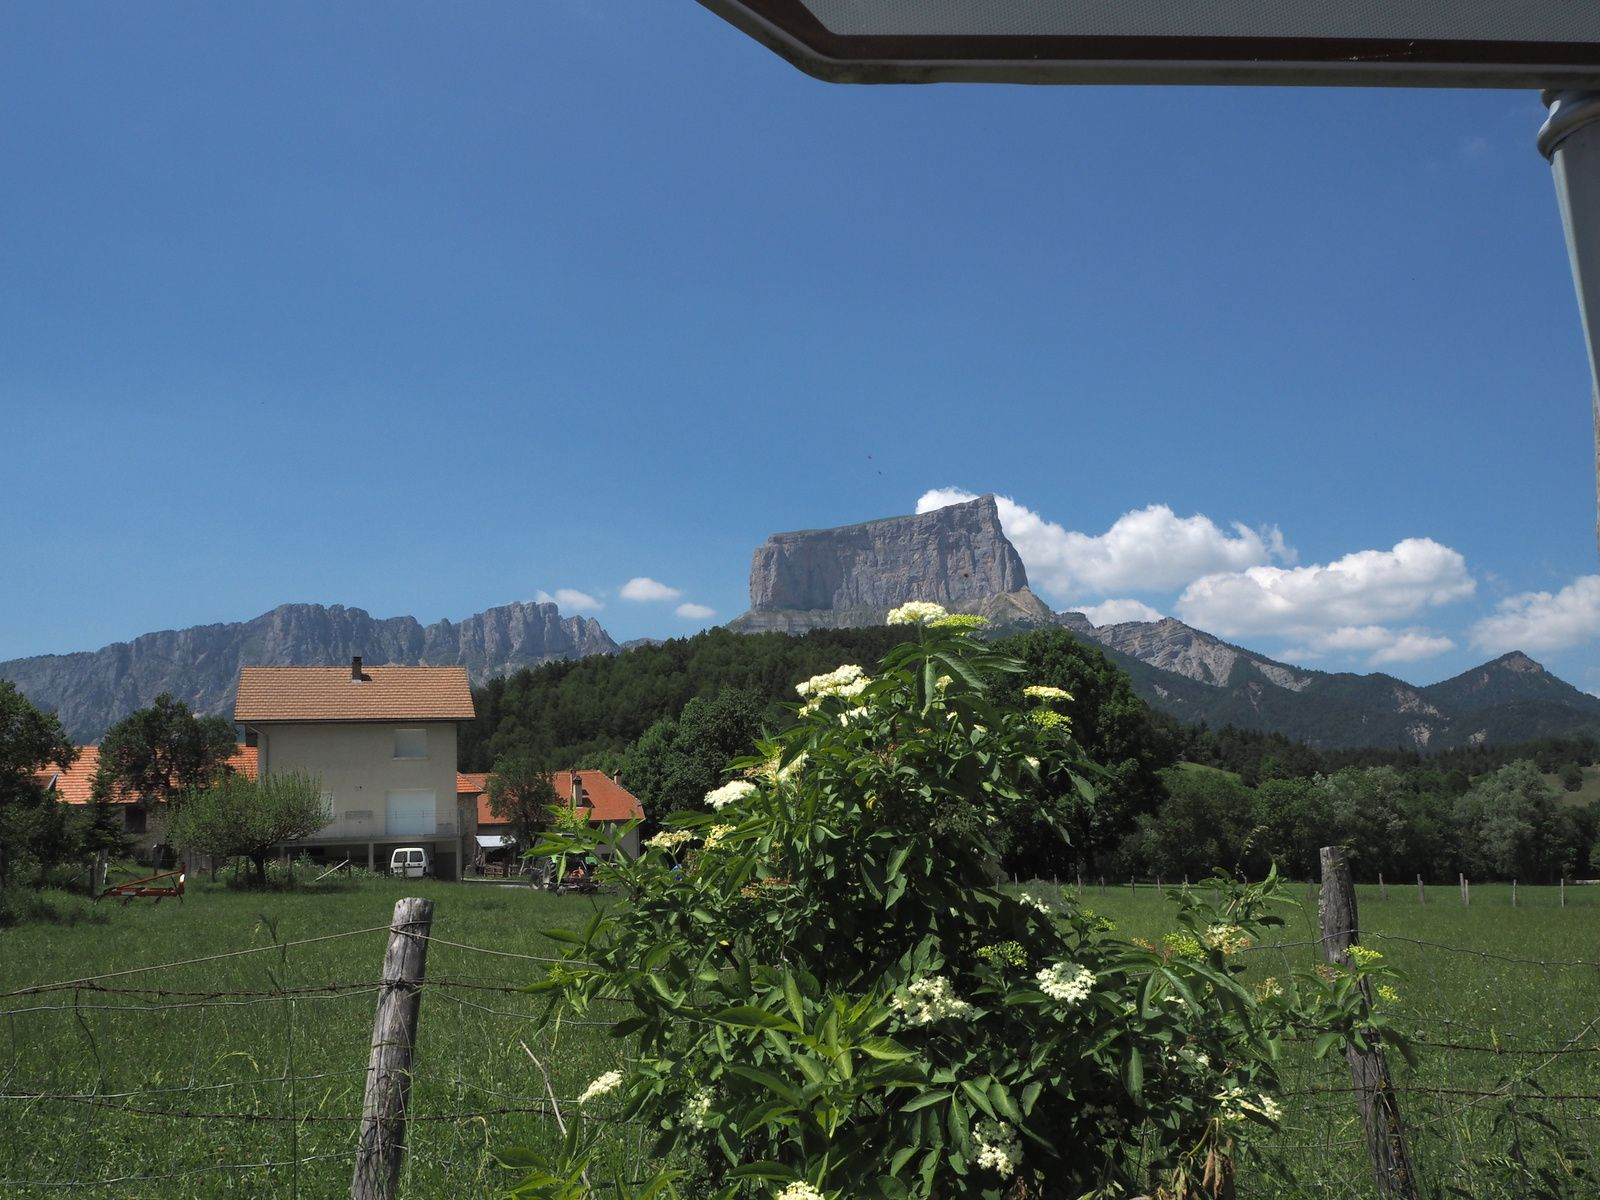 Le Mont Aiguille, dent avancée de la falaise orientale du massif du Vercors, est une des sept merveilles du Dauphiné